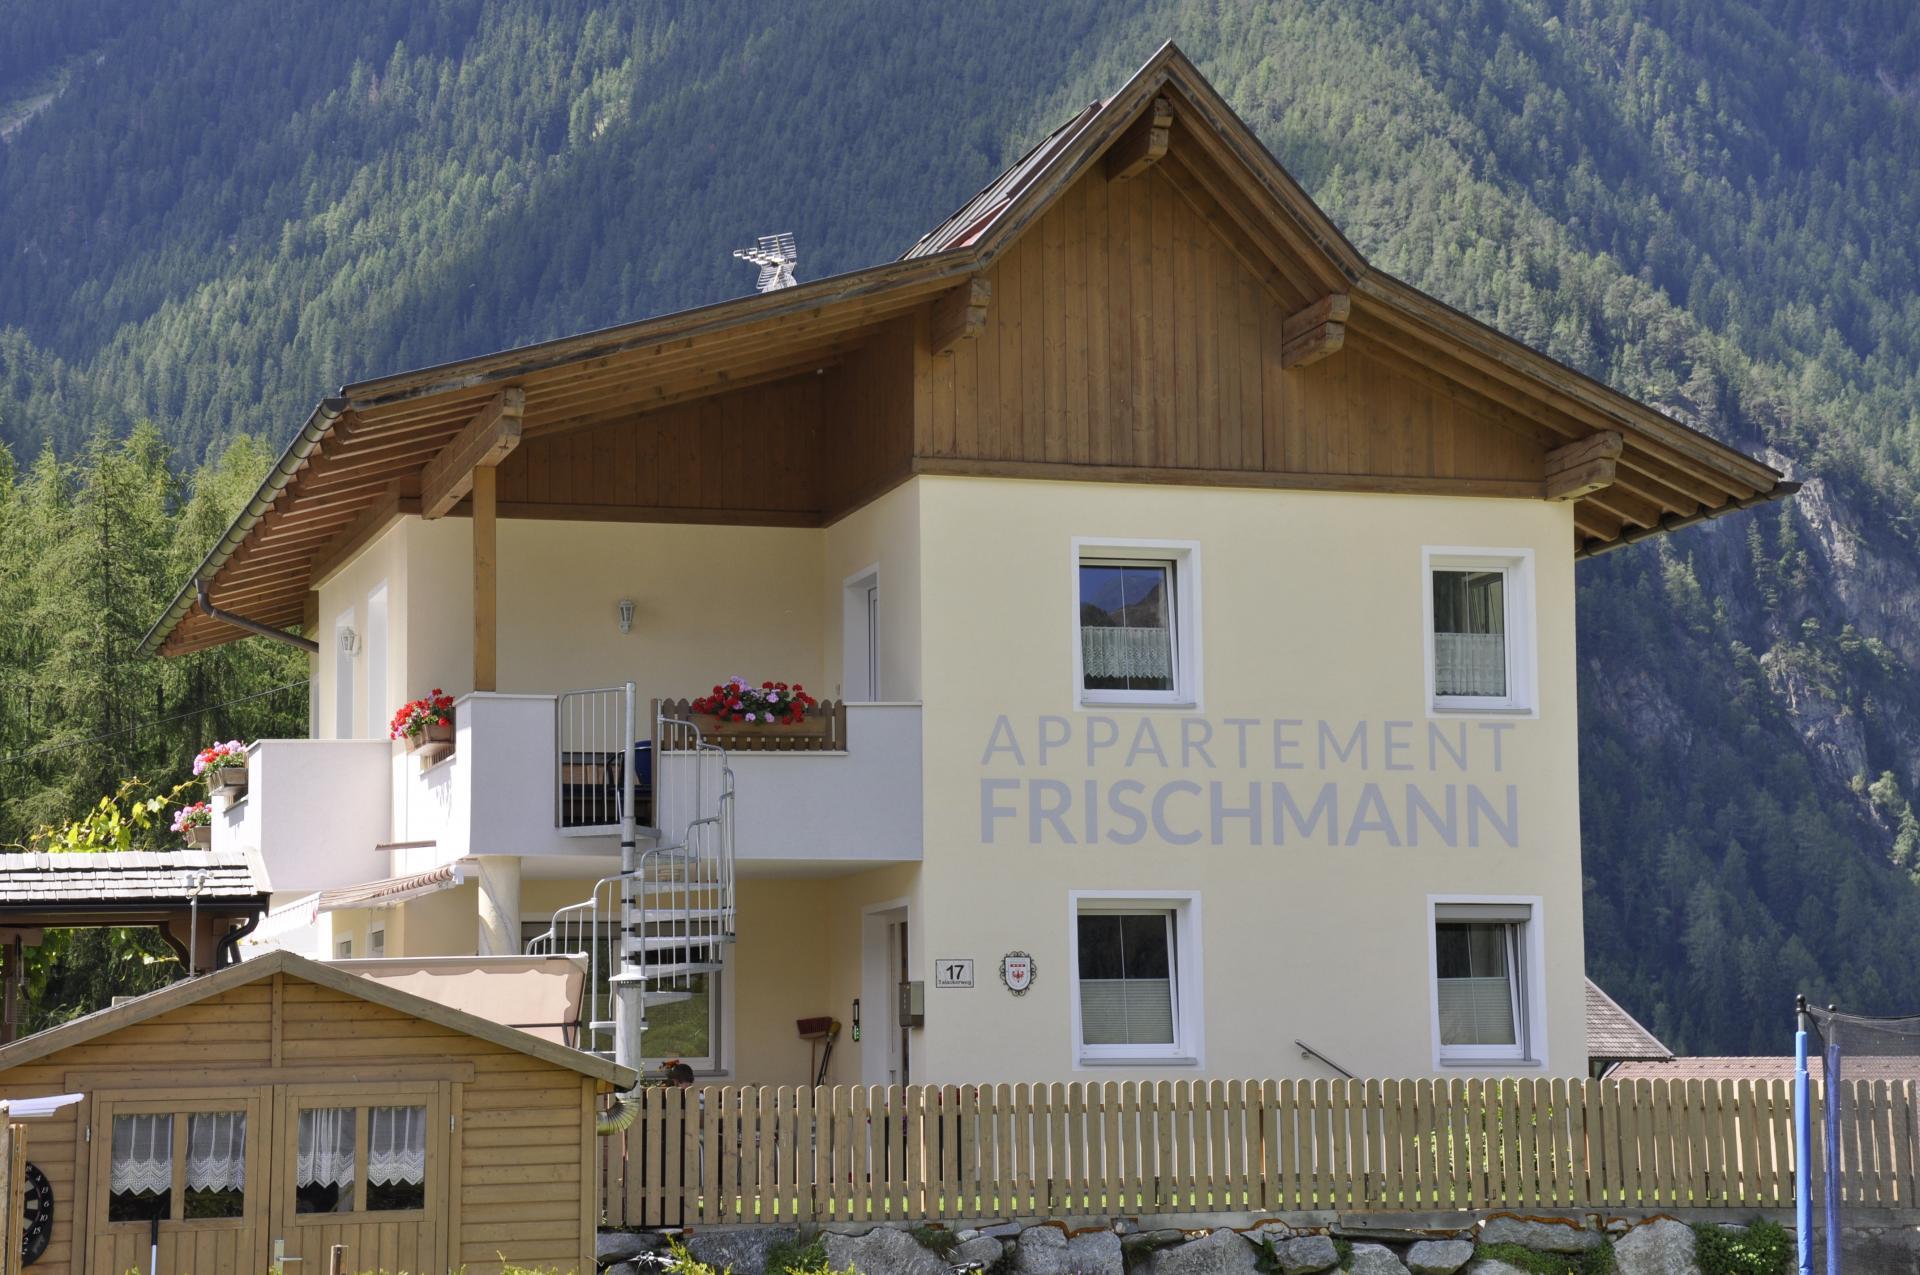 Appartement Frischmann #Willkommen#Bildergalerie#Wetter#Webcams#Wohneinheiten#Winterurlaub#Anreise#Preise#Anfragen#Buchen#Impressum#Sitemap